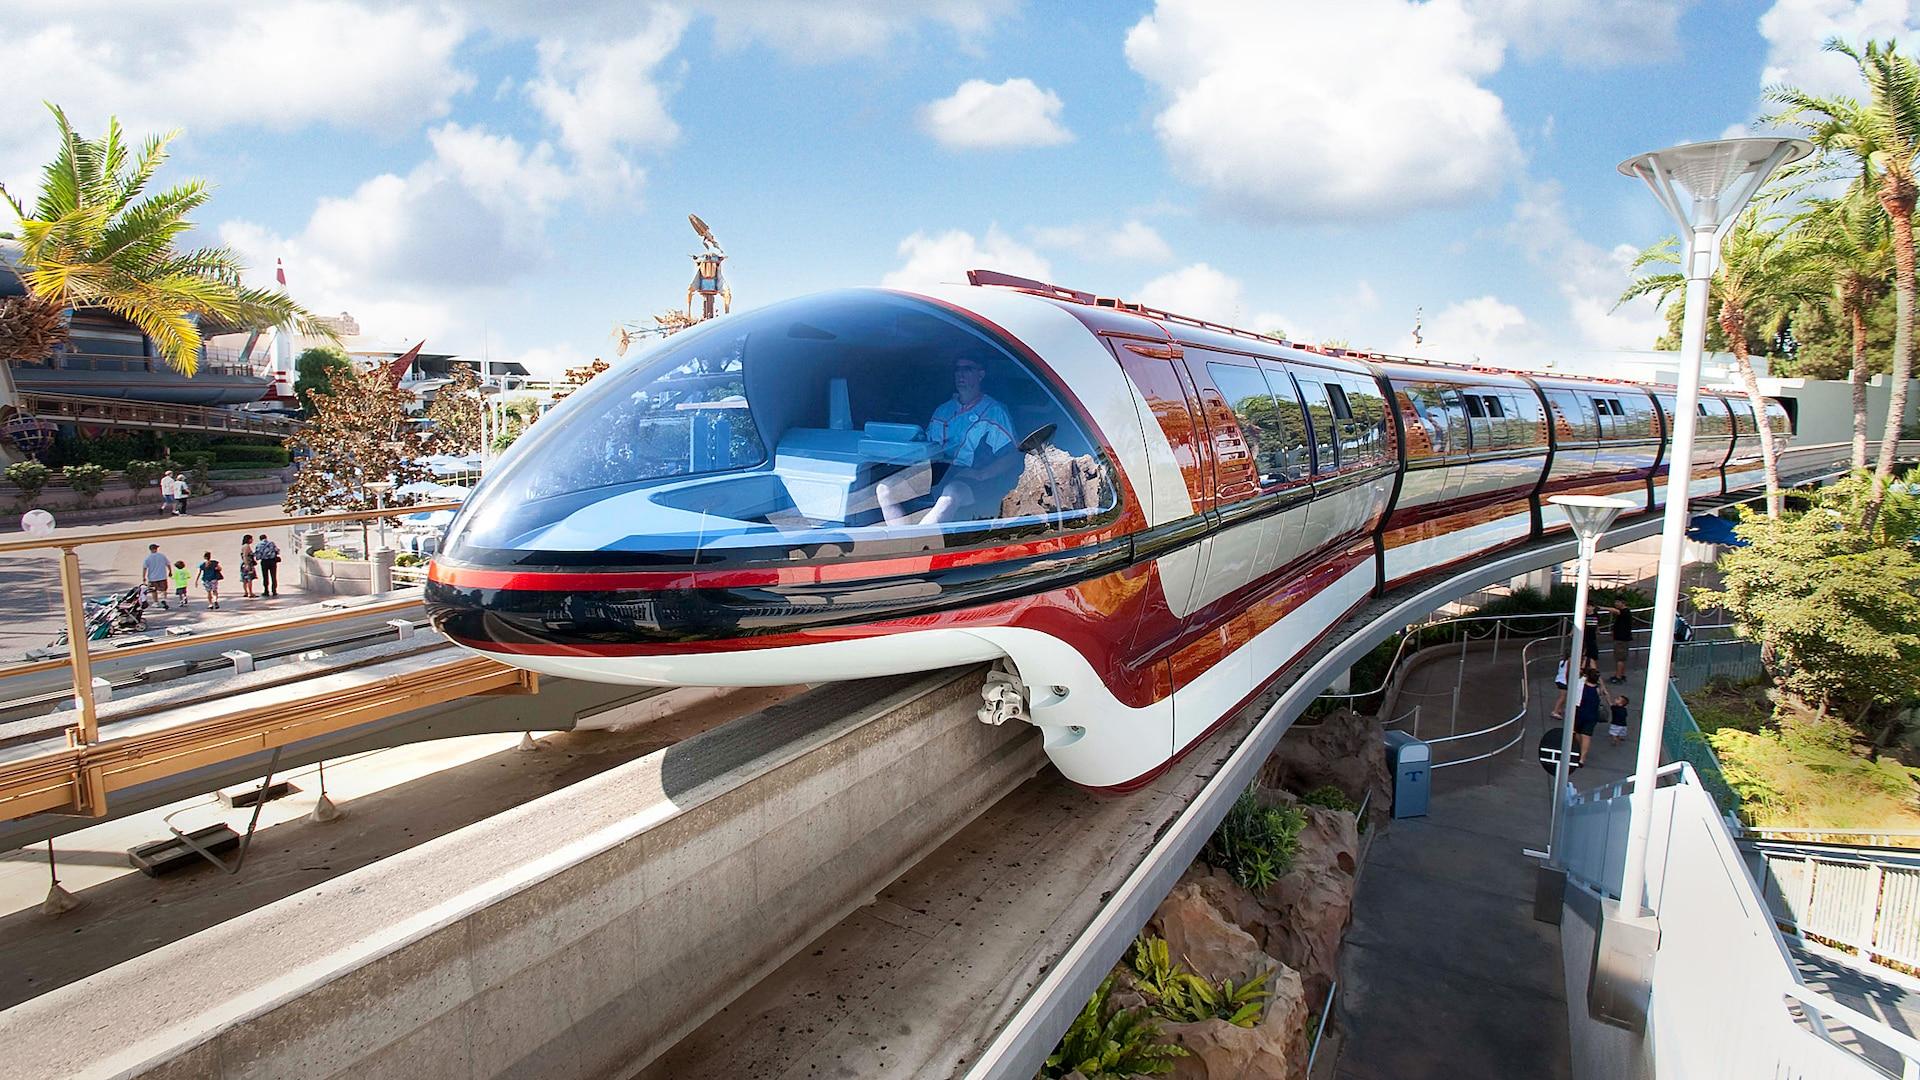 Disneyland Monorail   Rides & Attractions   Disneyland Park on